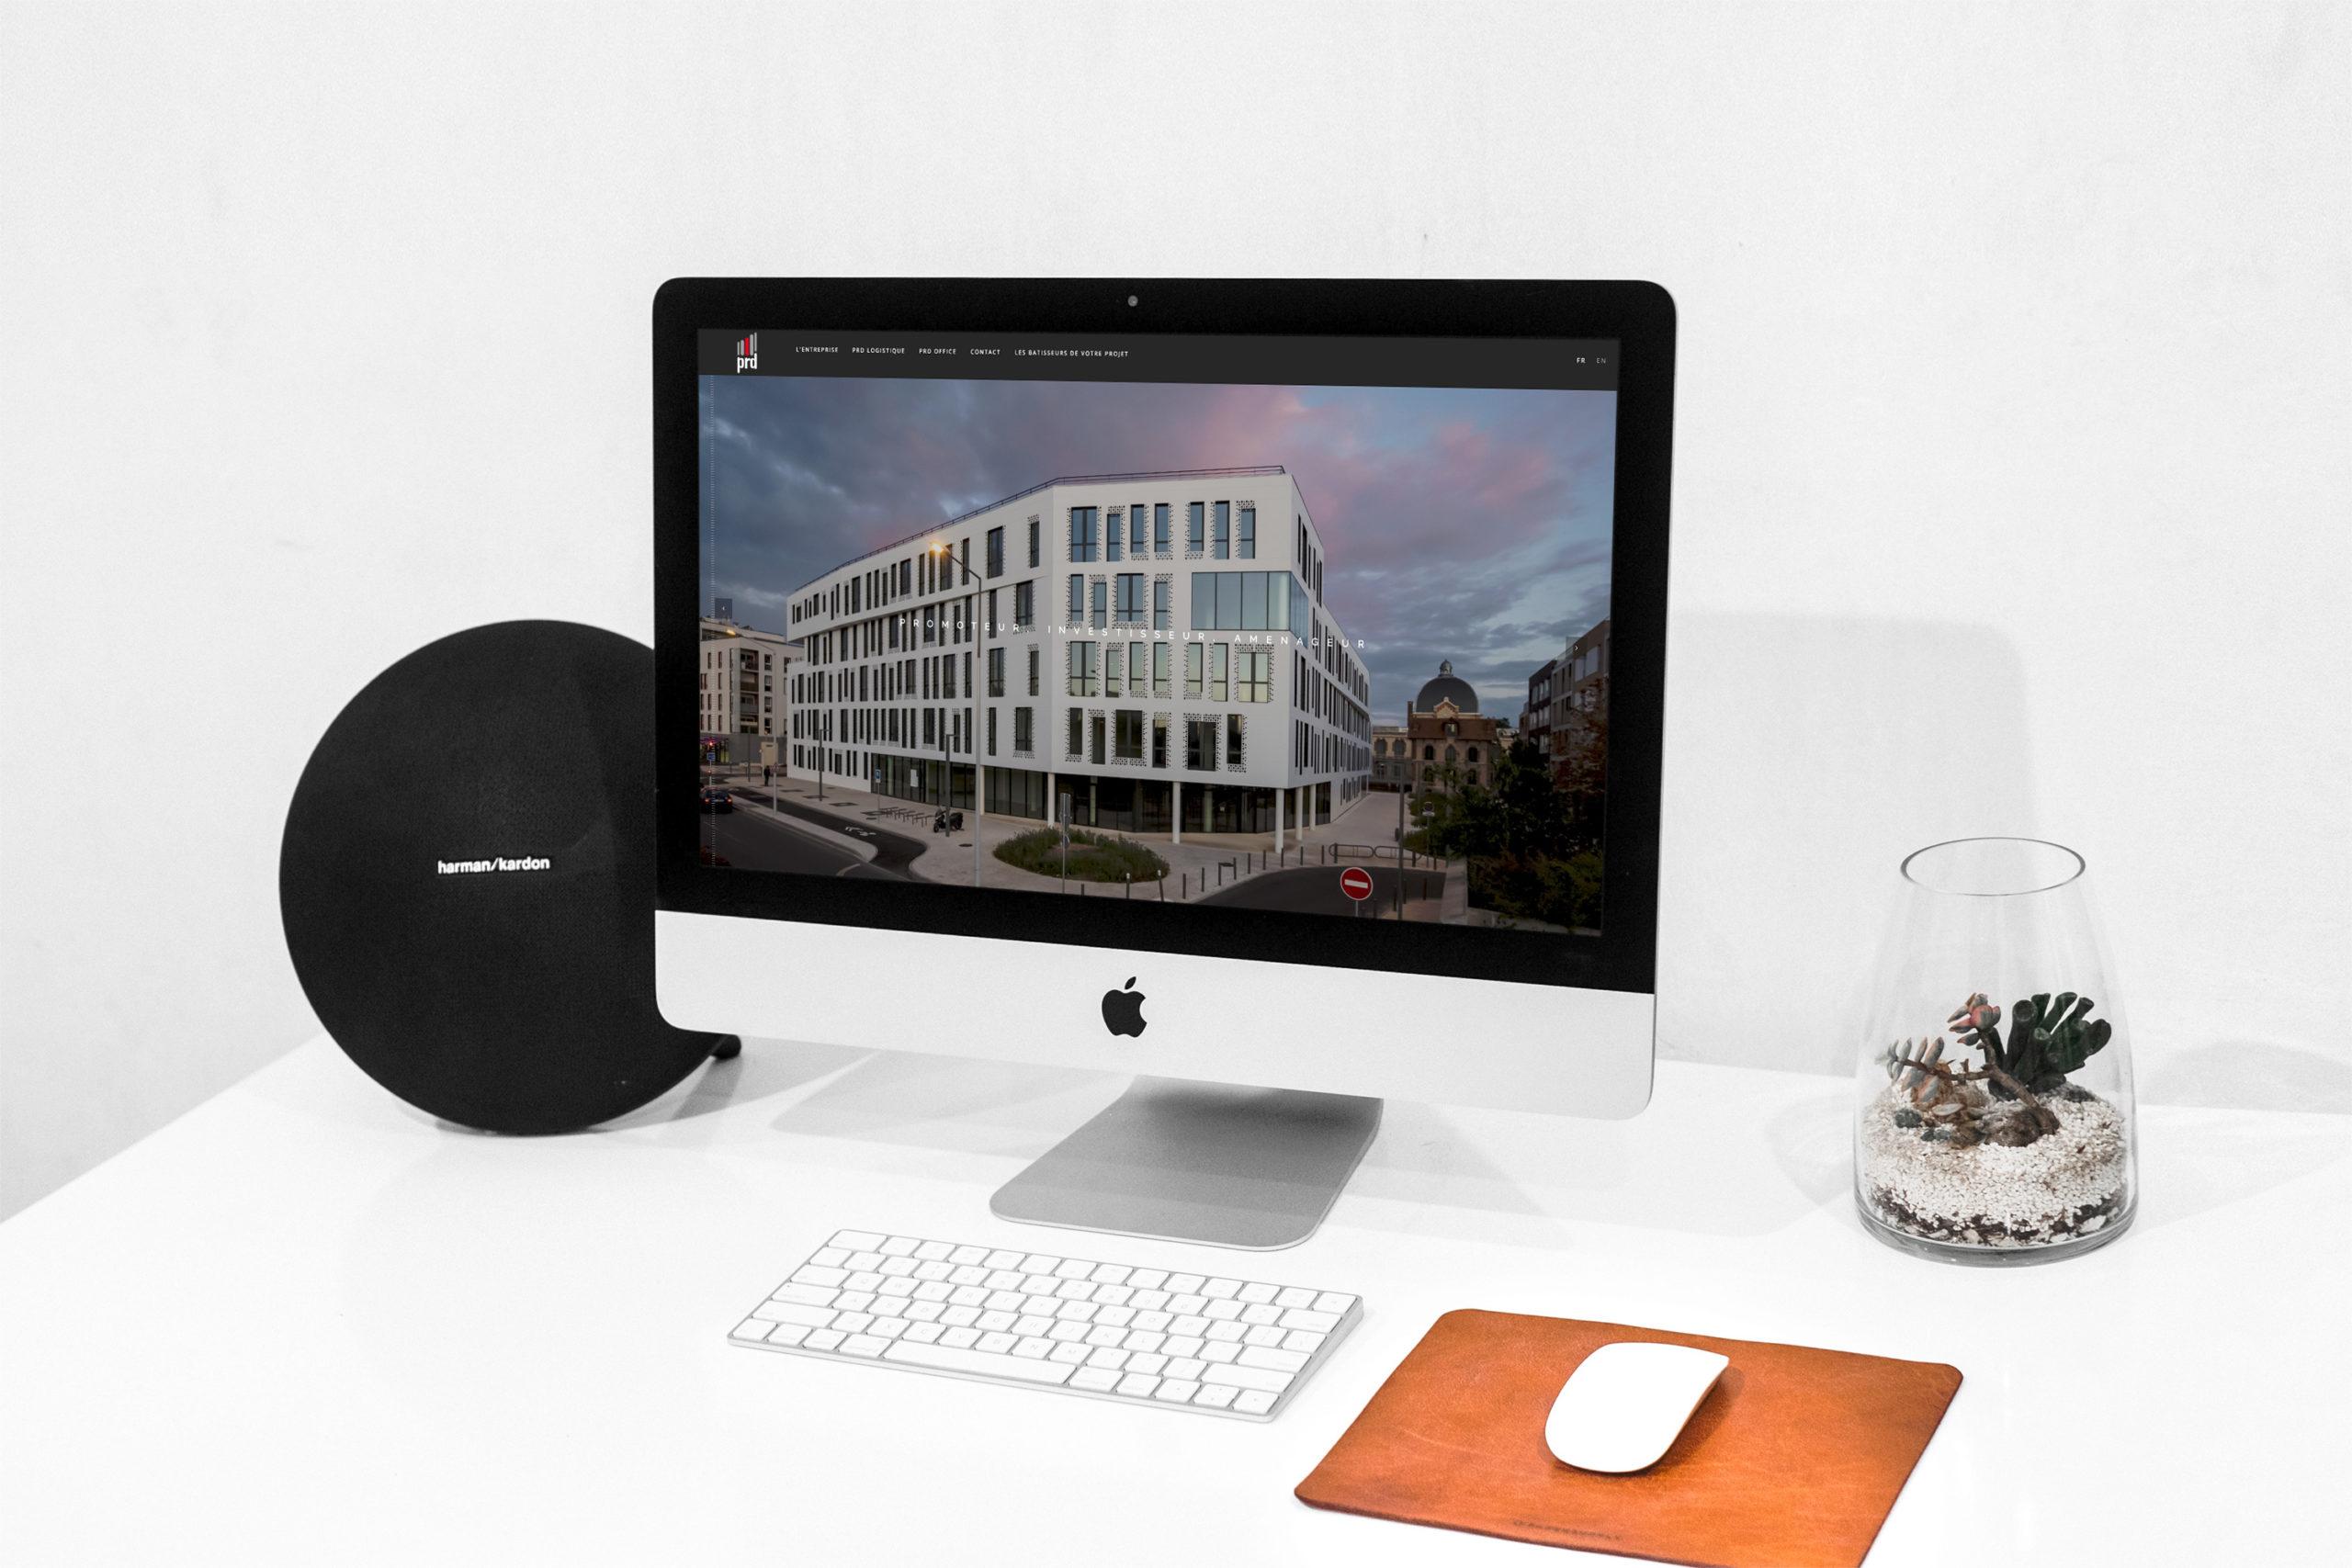 Mise en situation du site internet de PRD sur un ordinateur fixe de type MAC avec une enceinte et une plante verte à côté